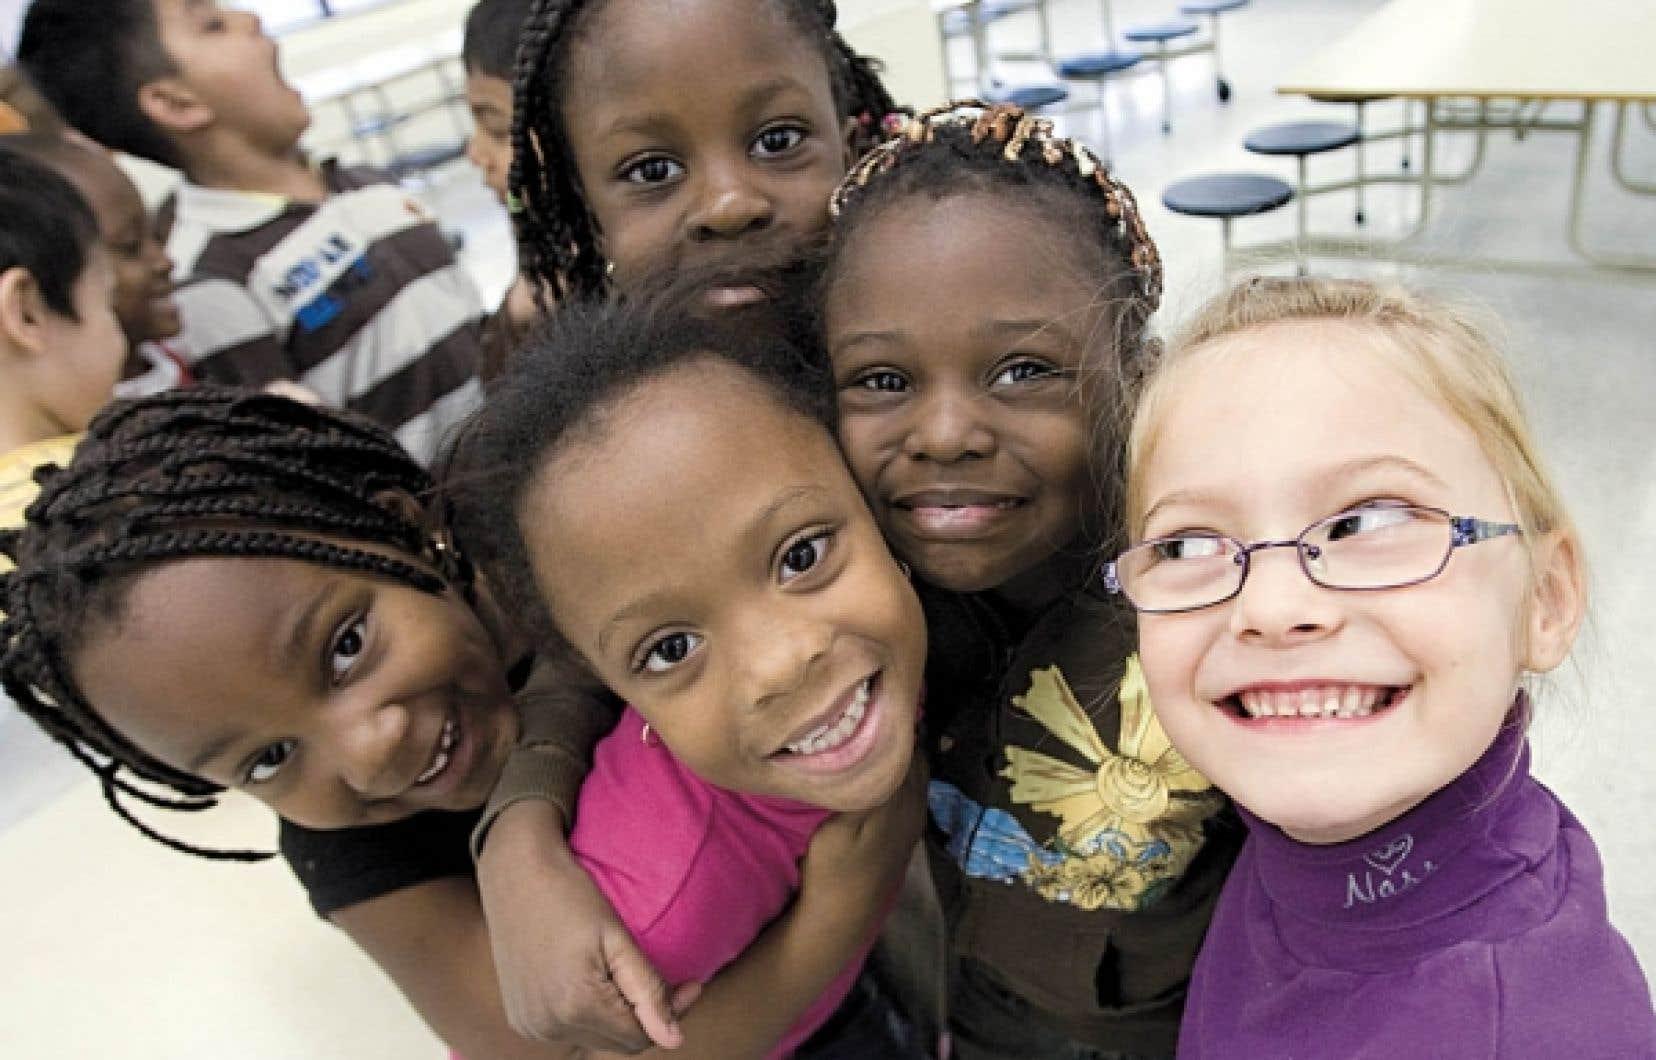 Des élèves d'une école primaire de Montréal. Le gouvernement Charest propose d'instaurer l'immersion en langue anglaise pendant un semestre au cours de la sixième année du primaire, mais à quelle fin promeut-on cette mesure? <br />